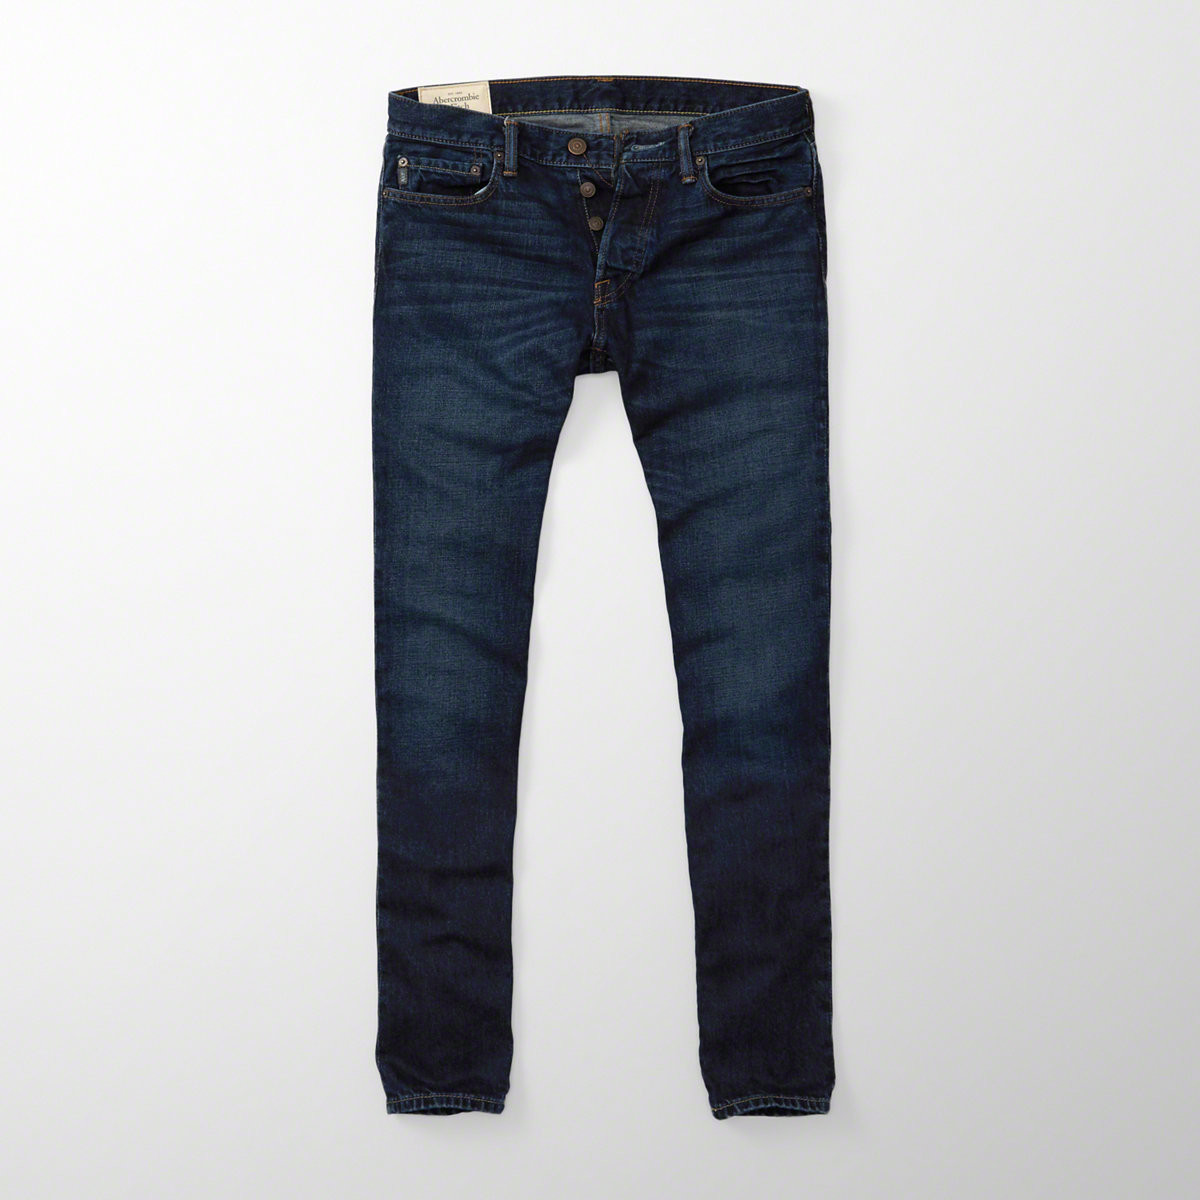 Одежда сток оптом брендовая одежда оптом от производителя